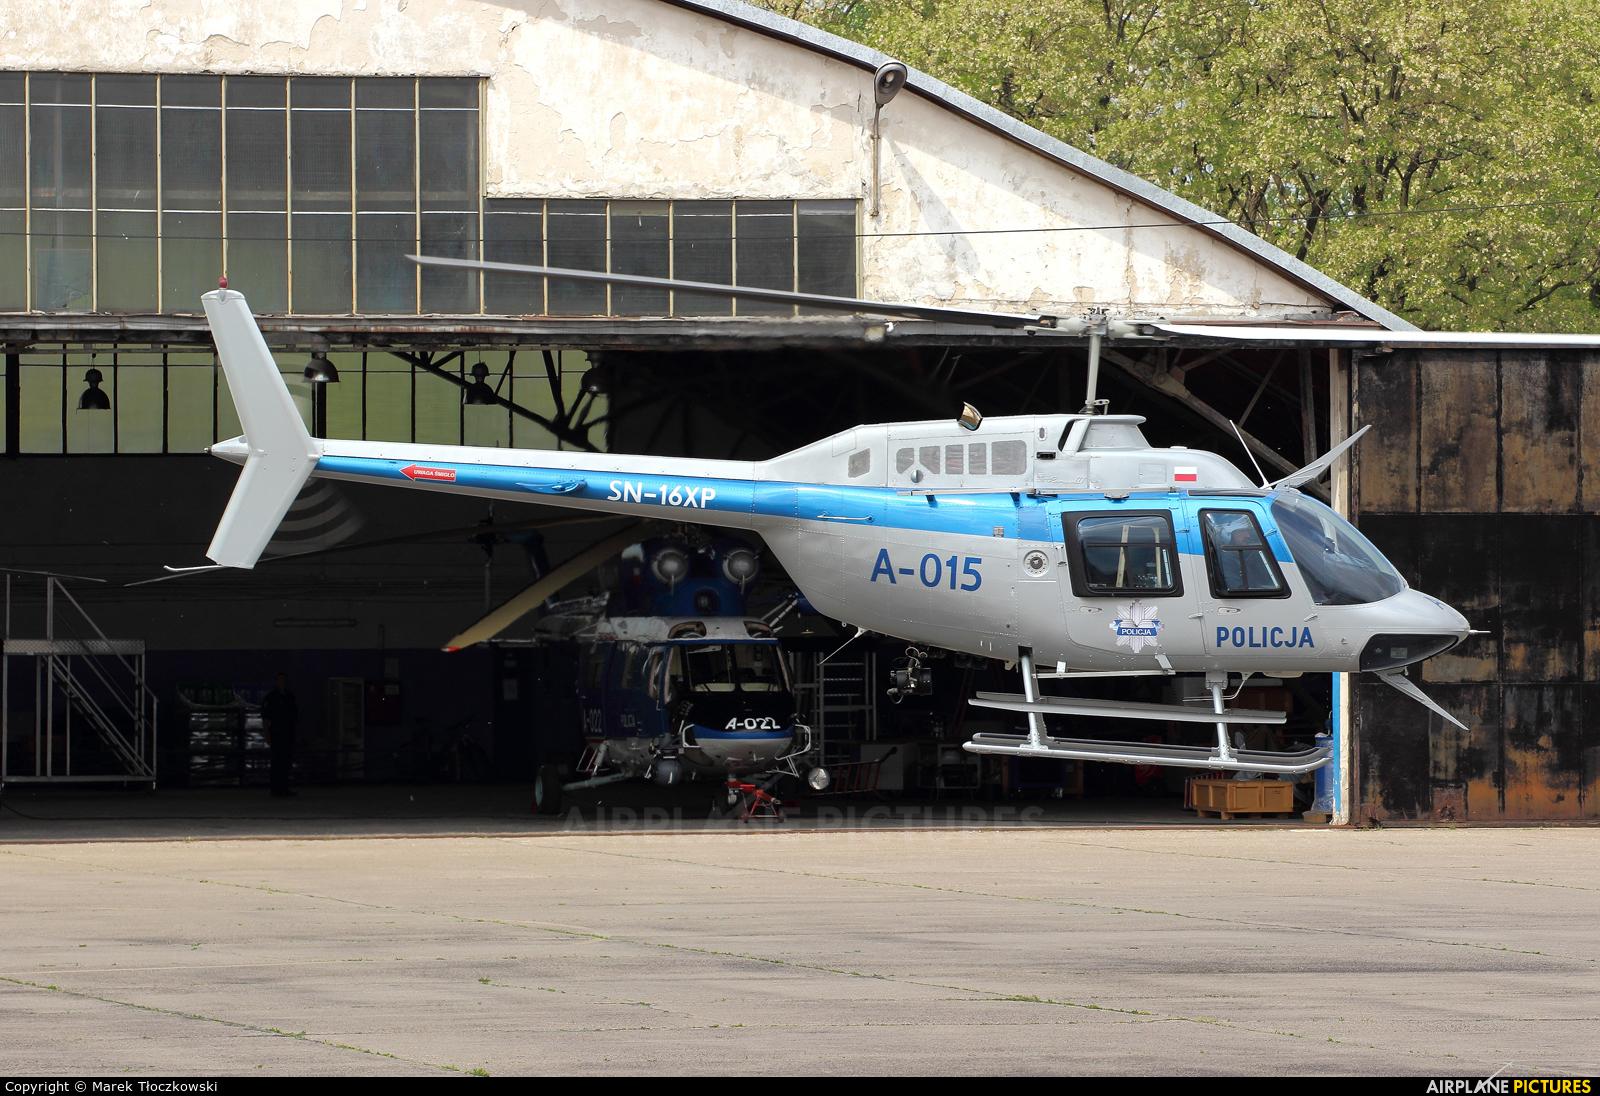 Poland - Police SN-16XP aircraft at Warsaw - Babice